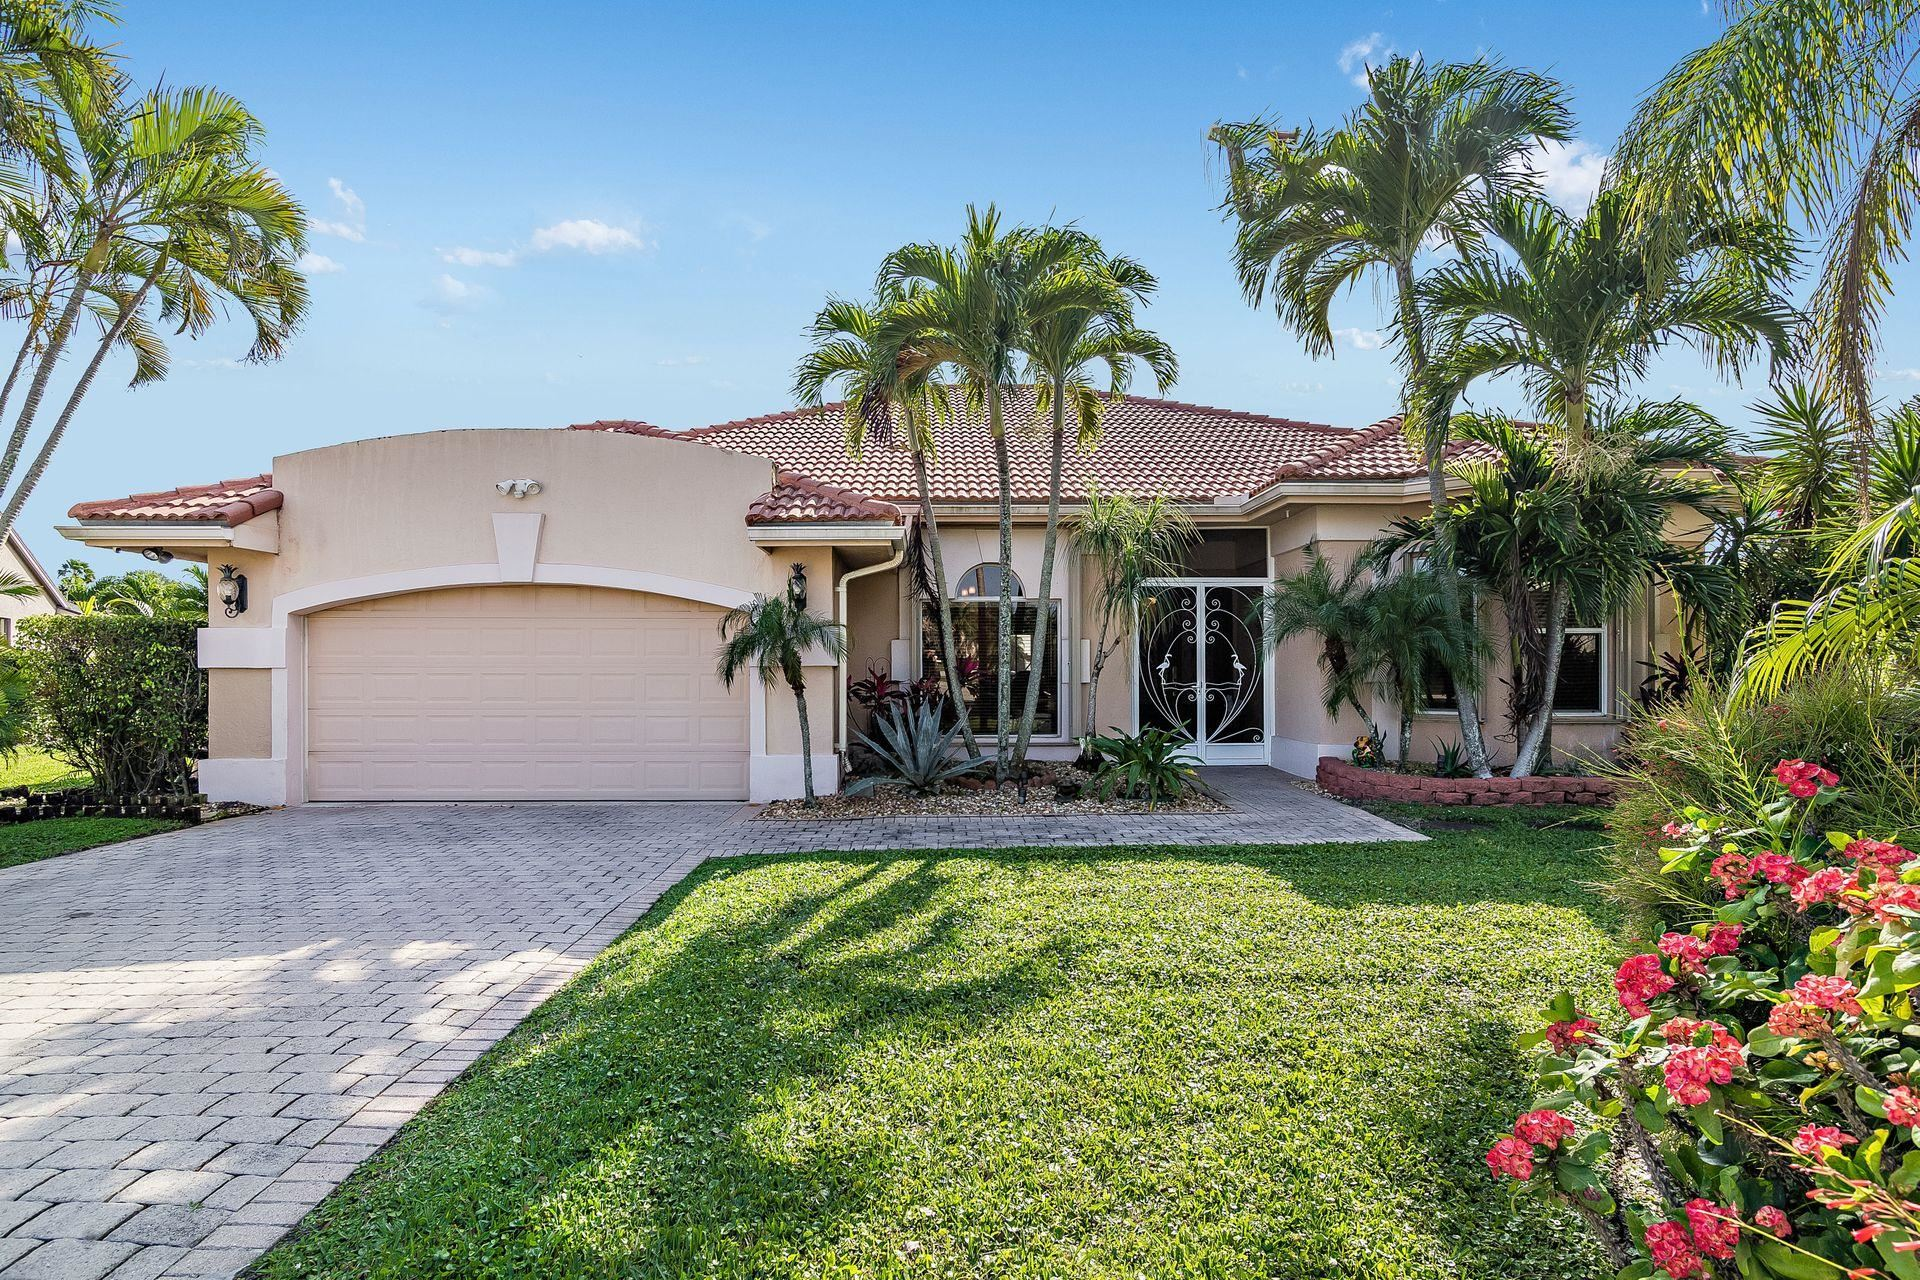 13486 William Myers Court, Palm Beach Gardens, FL 33410 - #: RX-10603434